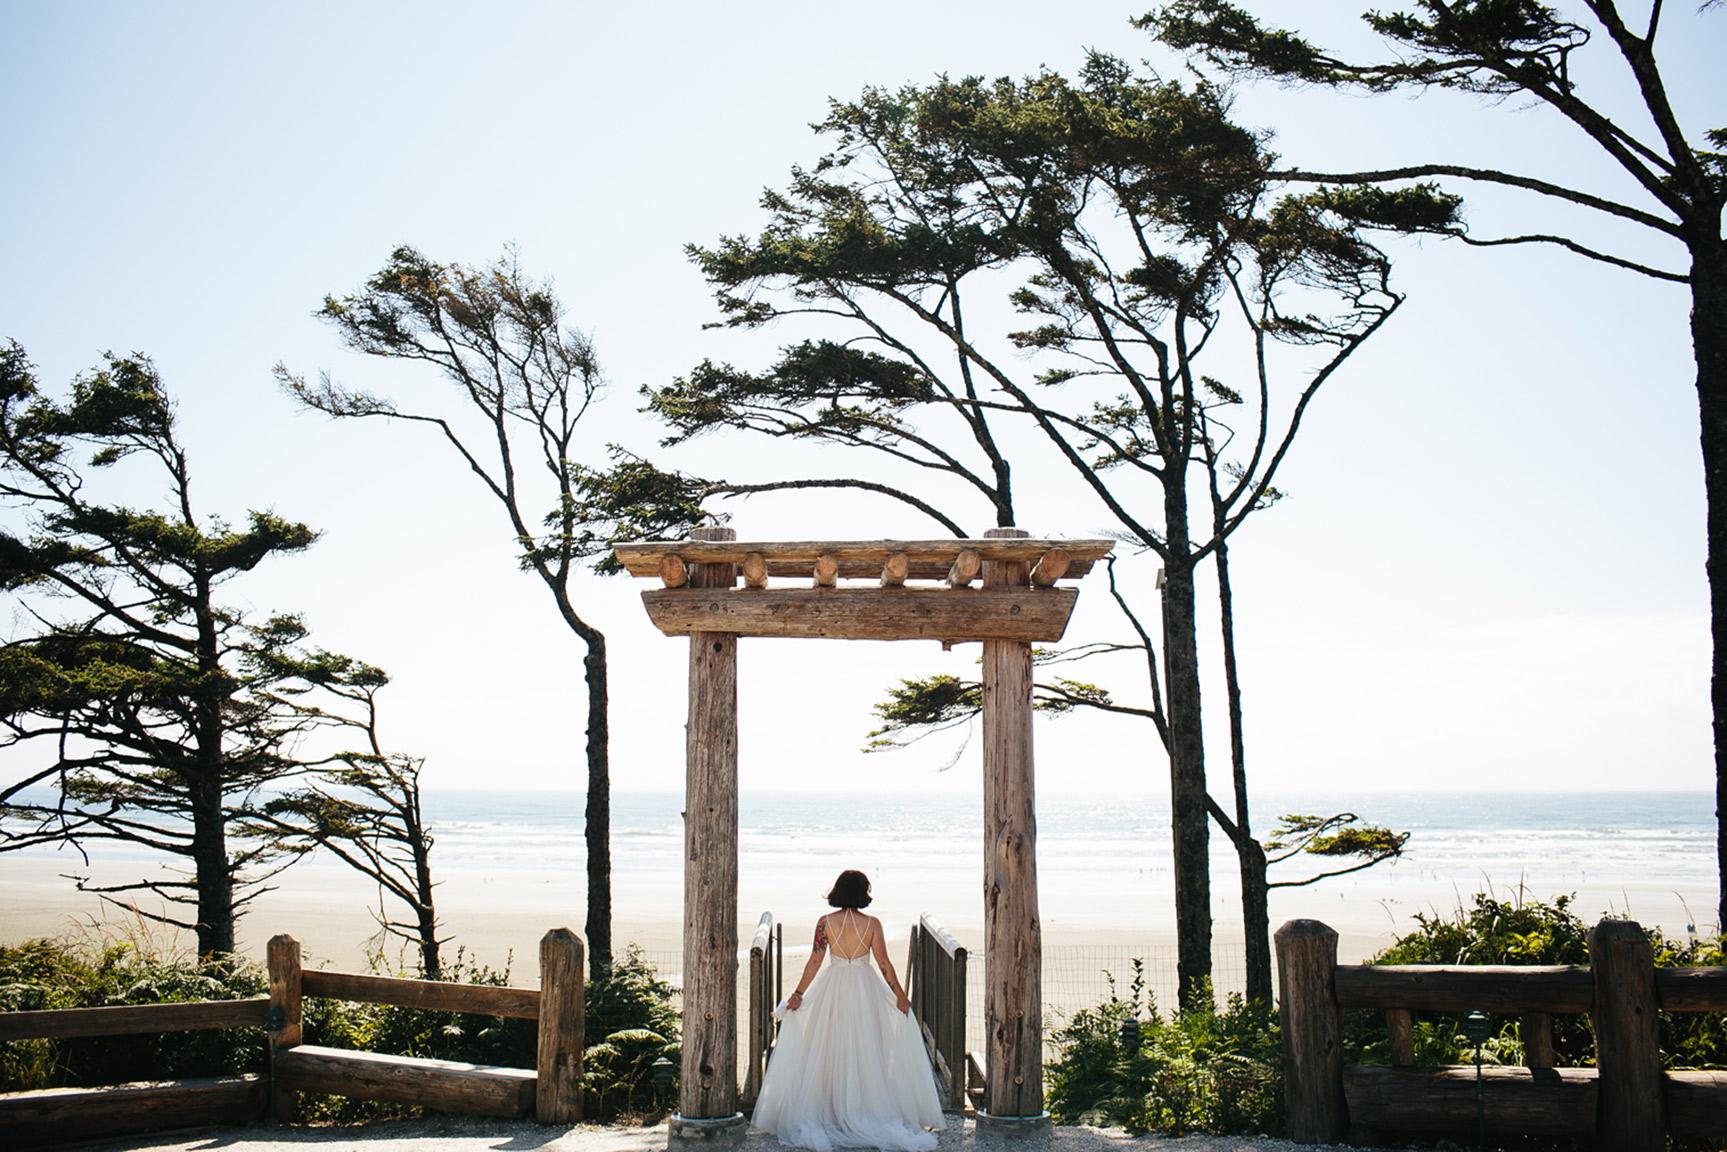 Washington_WeddingPhotographer_017.jpg